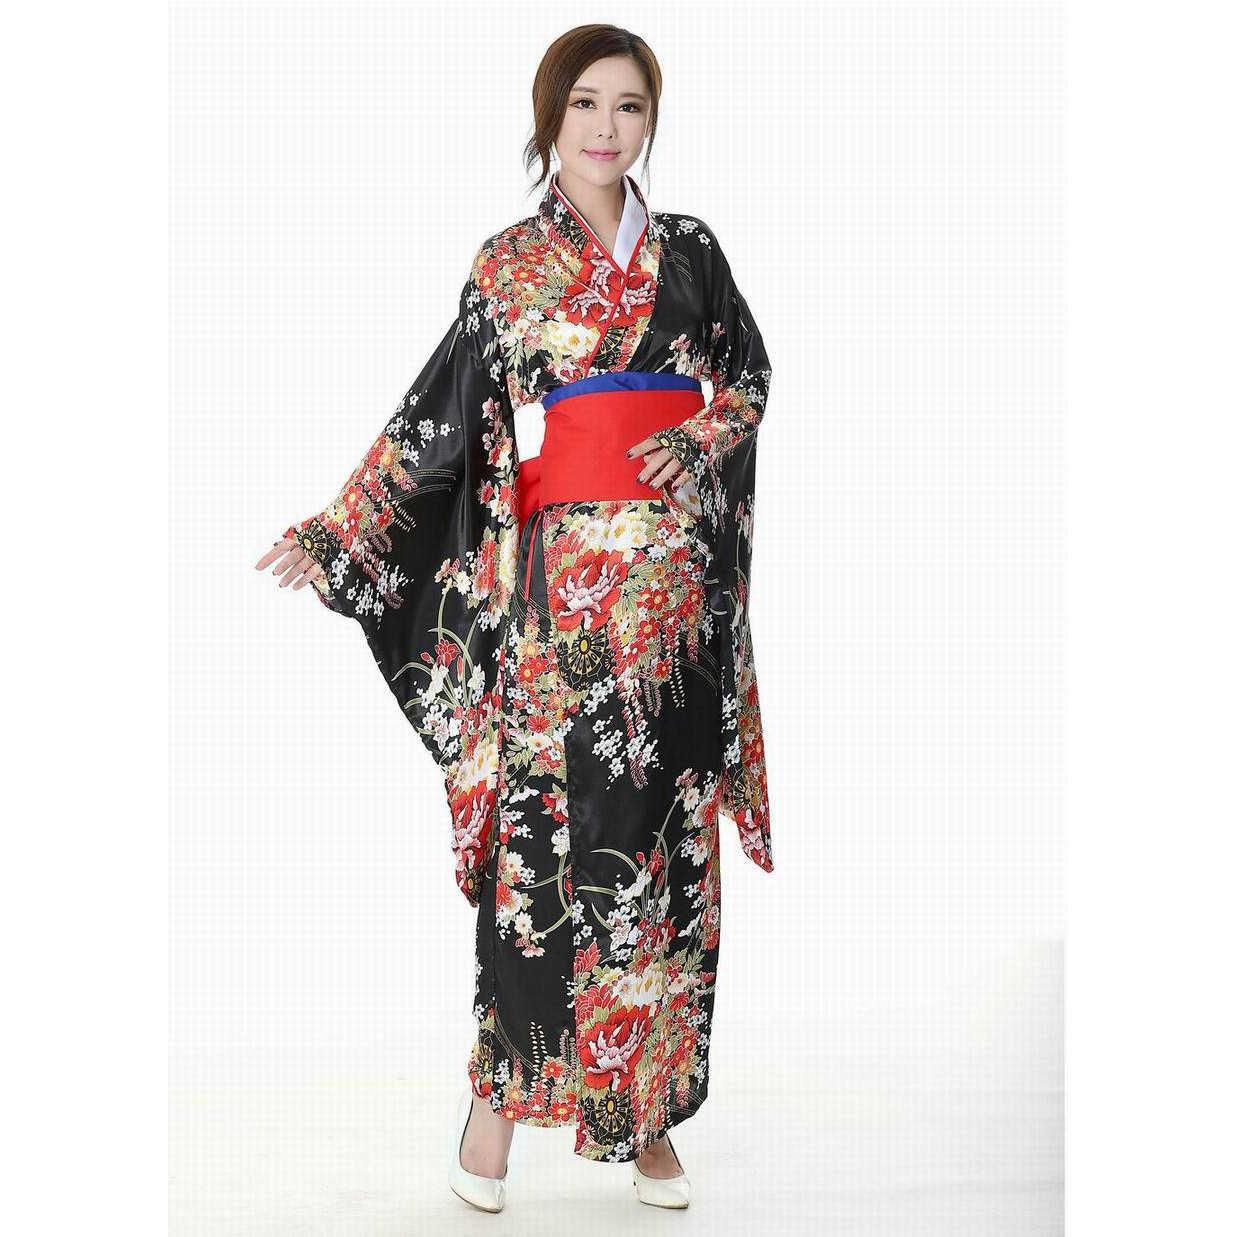 יפני מסורתי ילדה פרח גיישה קימונו בציר נשים שלב הצג תלבושות קוספליי גיהינום בנות Enma נשים סאקורה חליפה